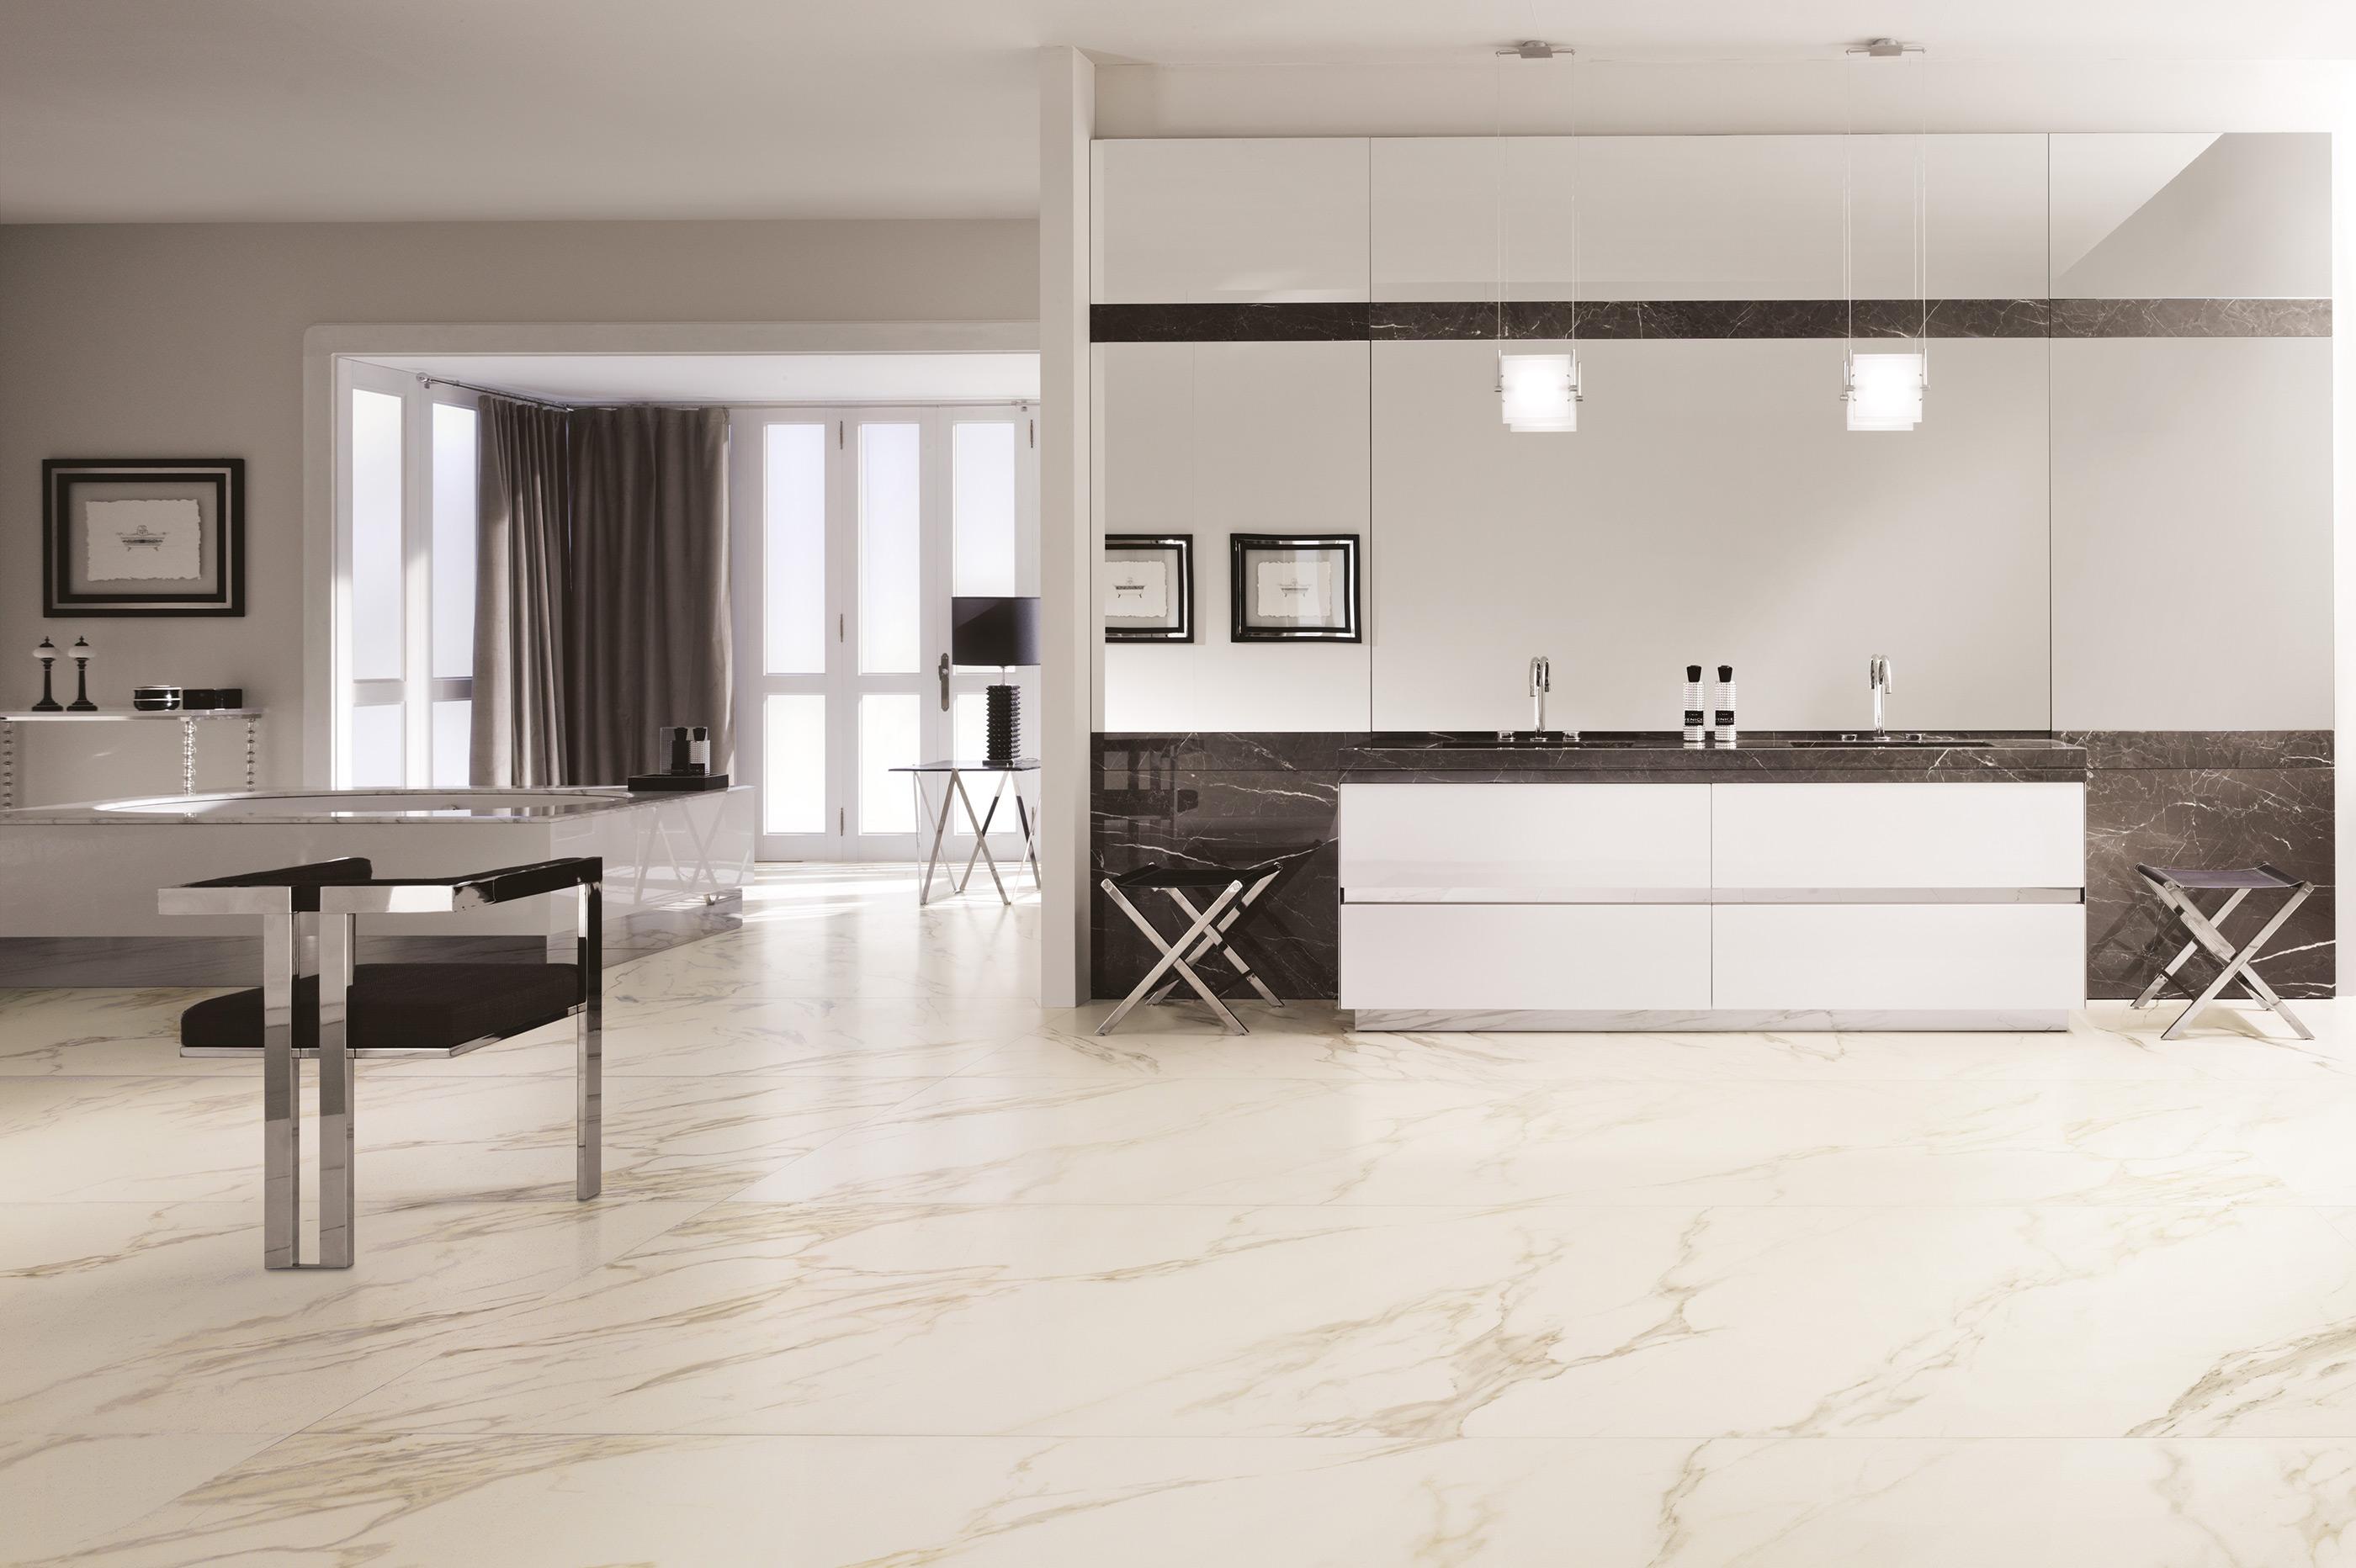 Gres Porcellanato Effetto Marmo Difetti cotto d'este calacatta exedra 60x120 - gres effetto marmo calacatta opaco